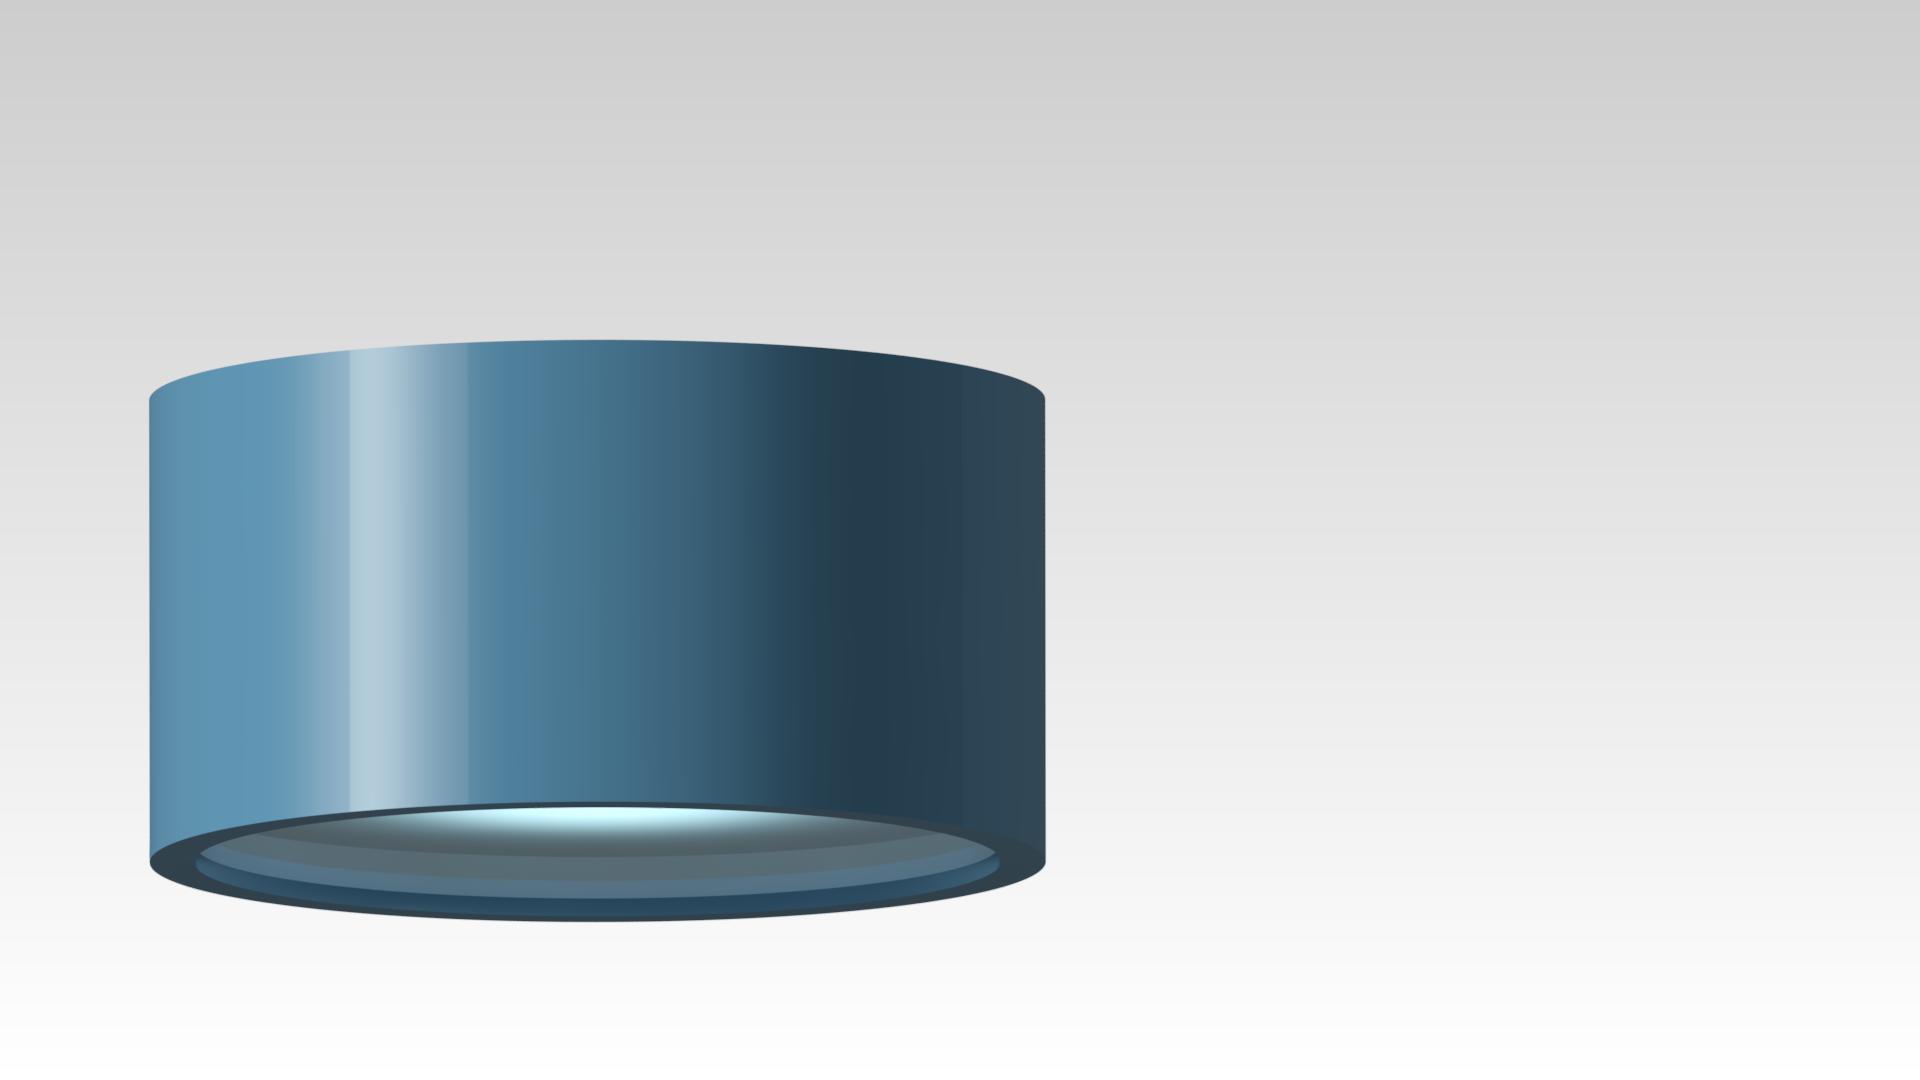 светильник потолочный накладной круглый синий